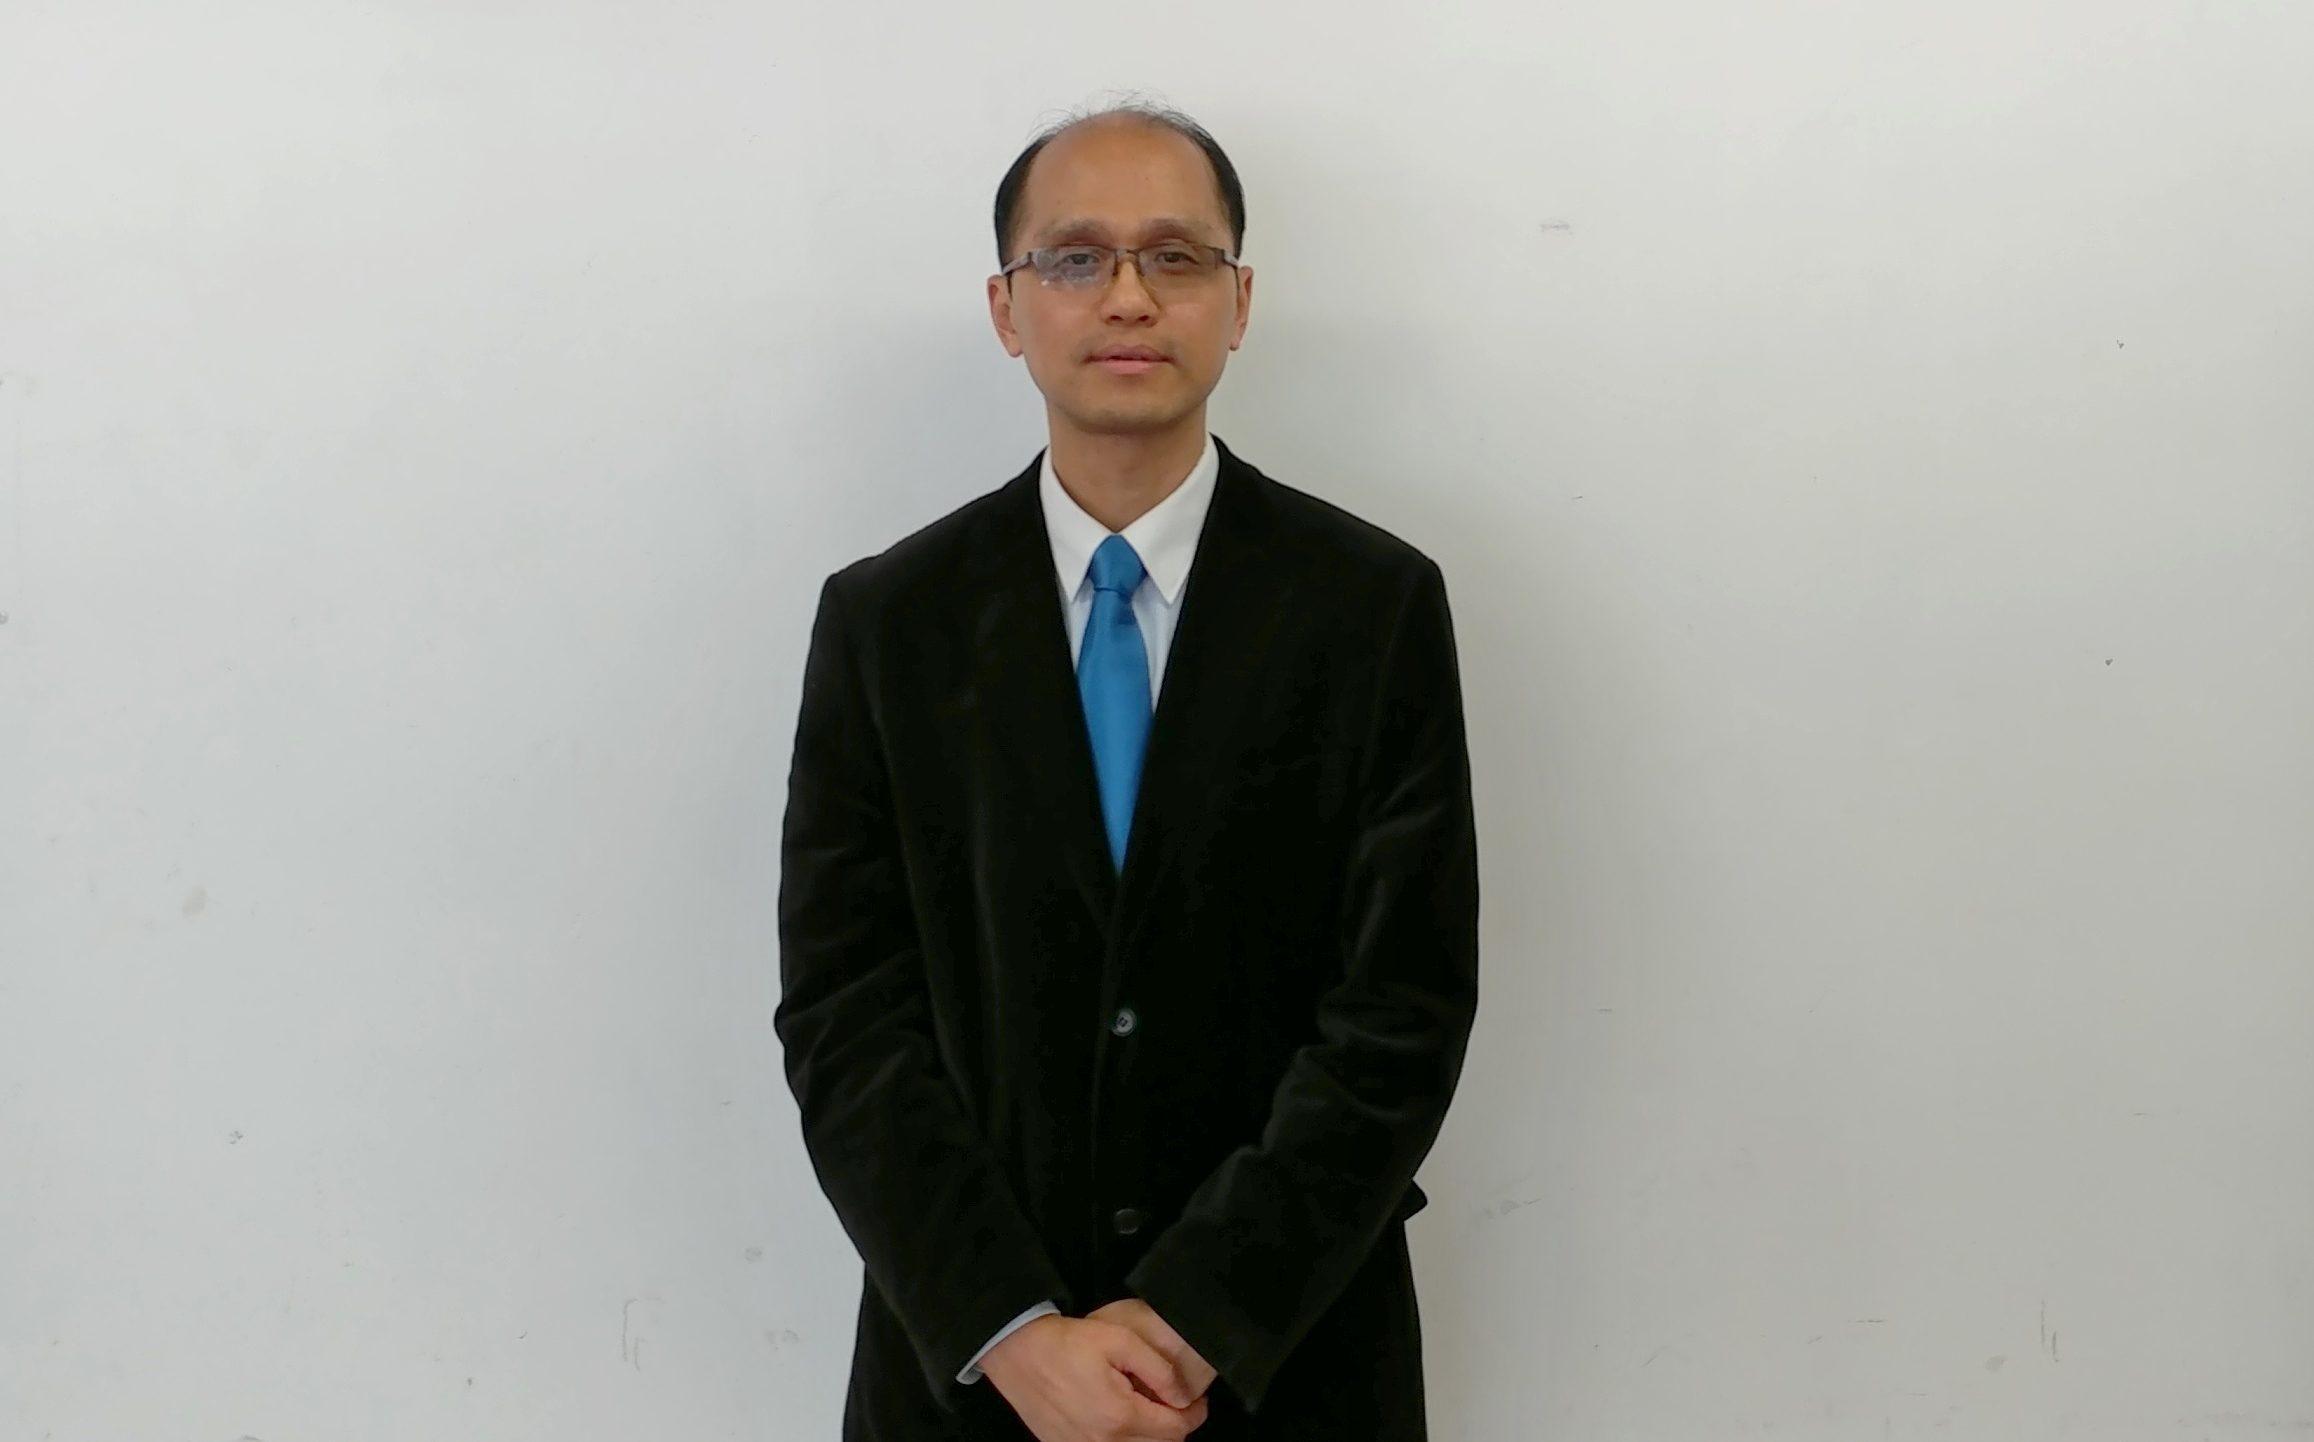 Prof. Wilfred LAU